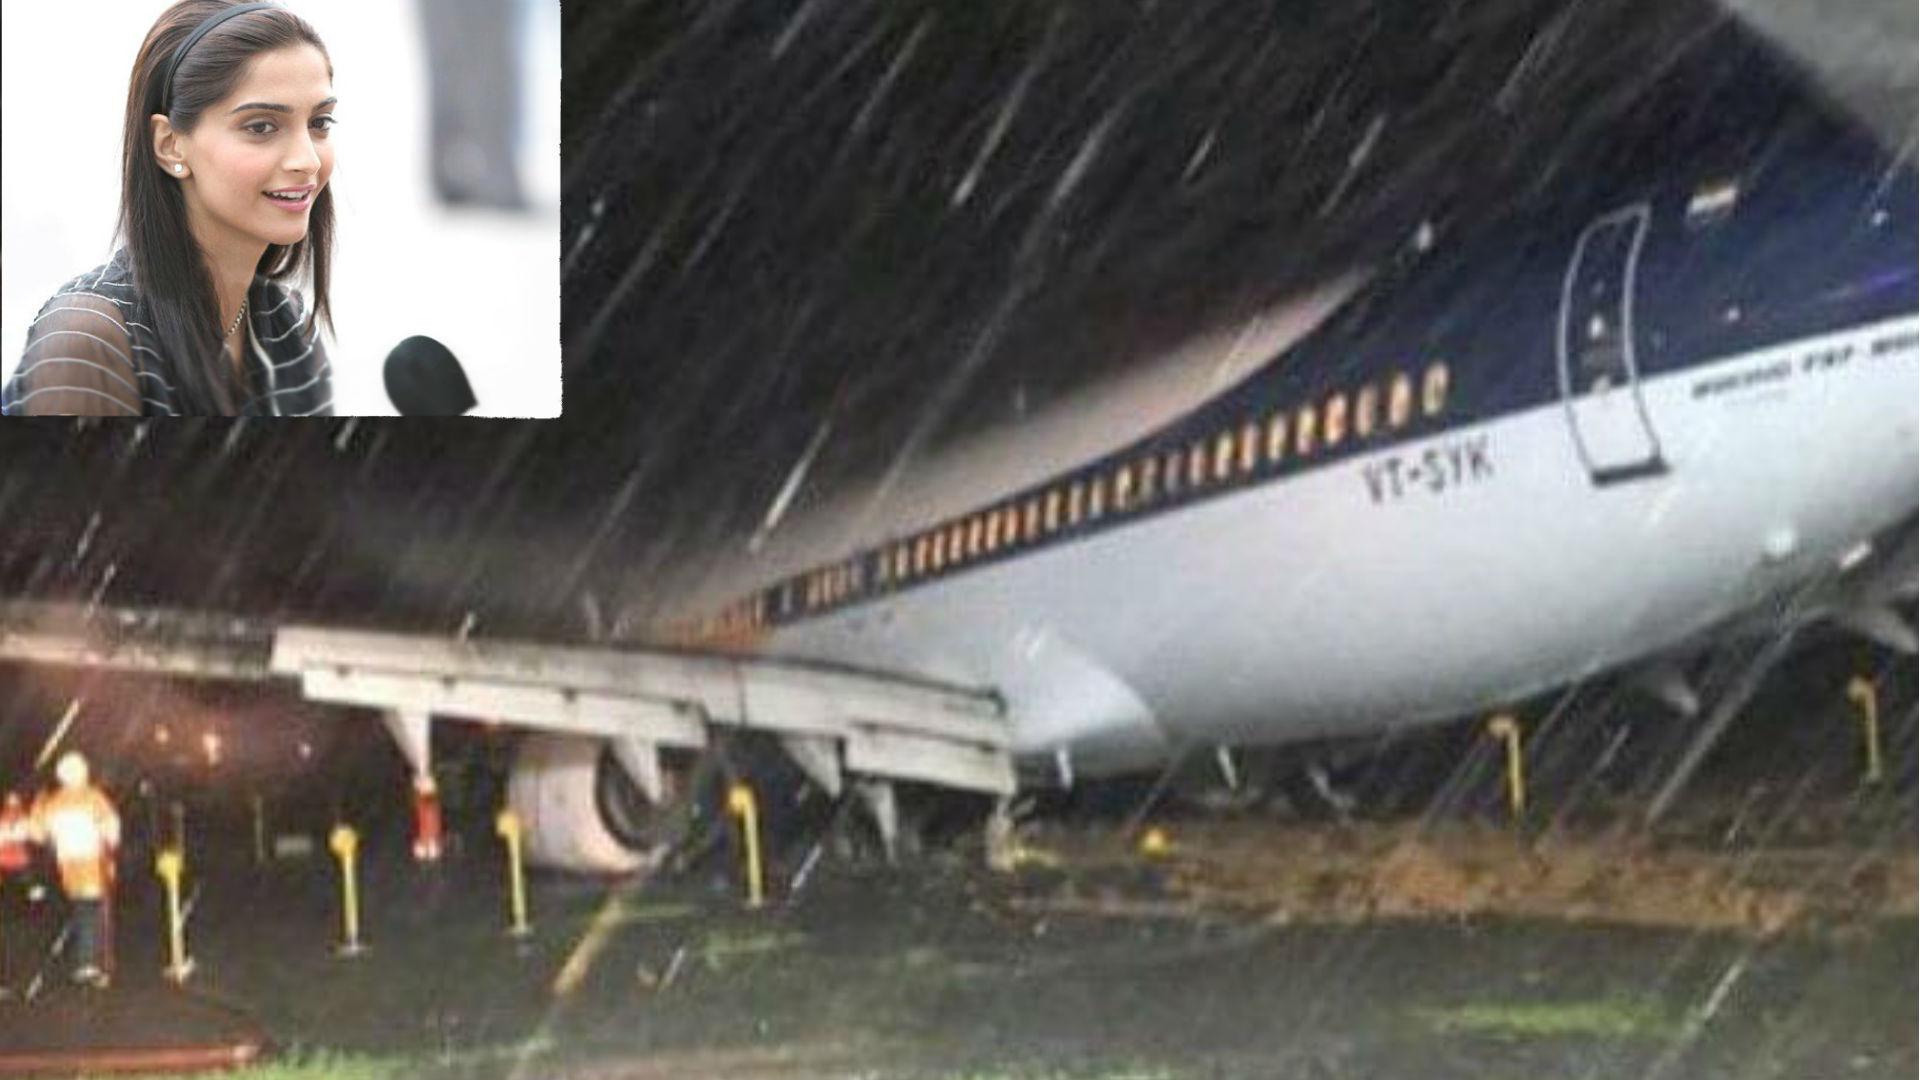 मुंबई में बारिश के चलते सोमवार रात से एयरपोर्ट पर फंसी है ये एक्ट्रेस, सोनम कपूर के इस ट्वीट के बाद हुआ खुलासा